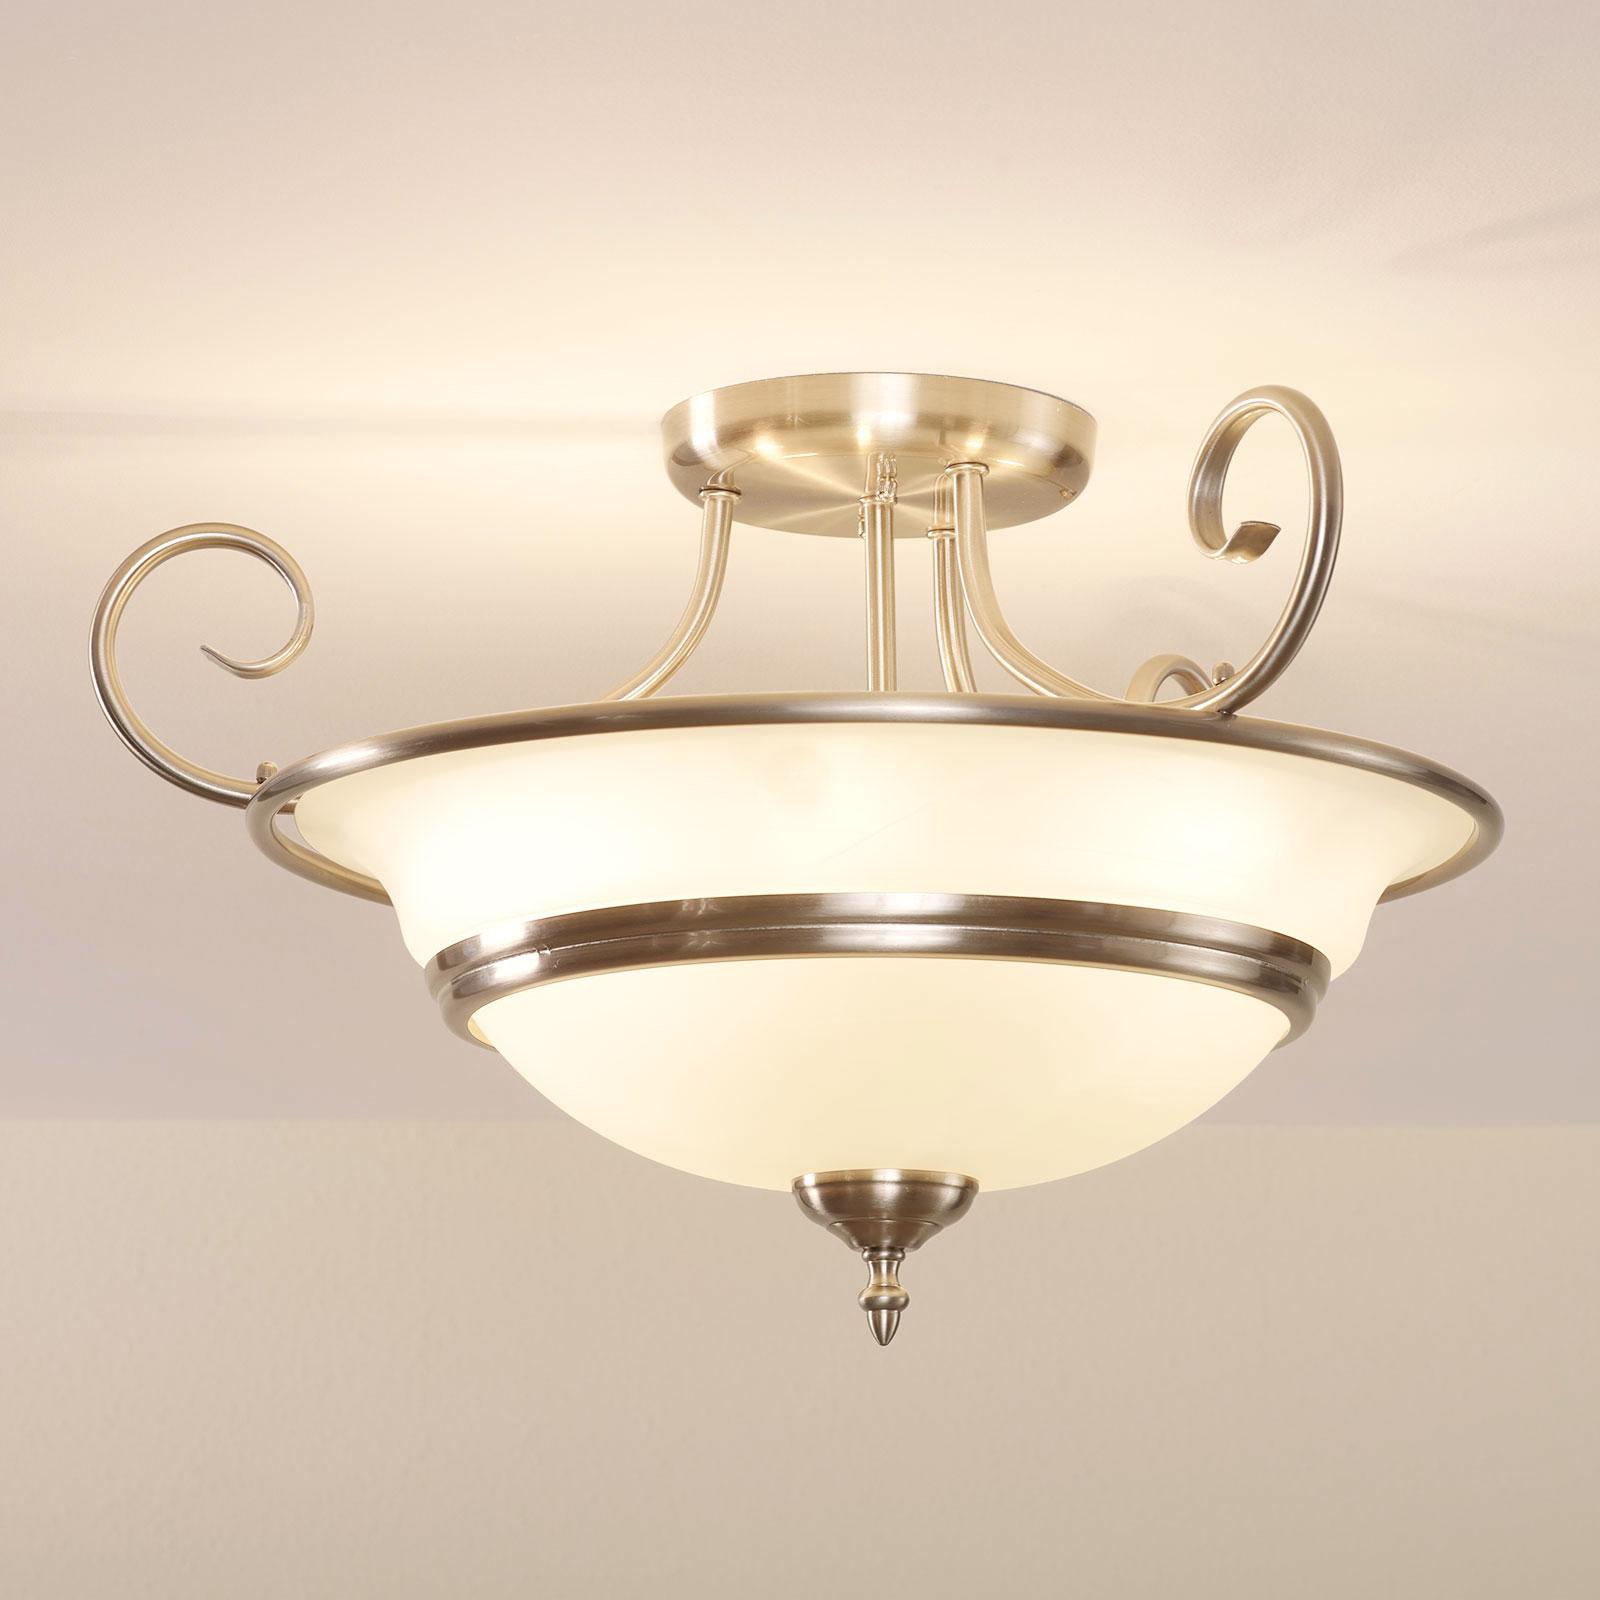 Lampa sufitowa Charlet ze szkła okrągła nikiel mat